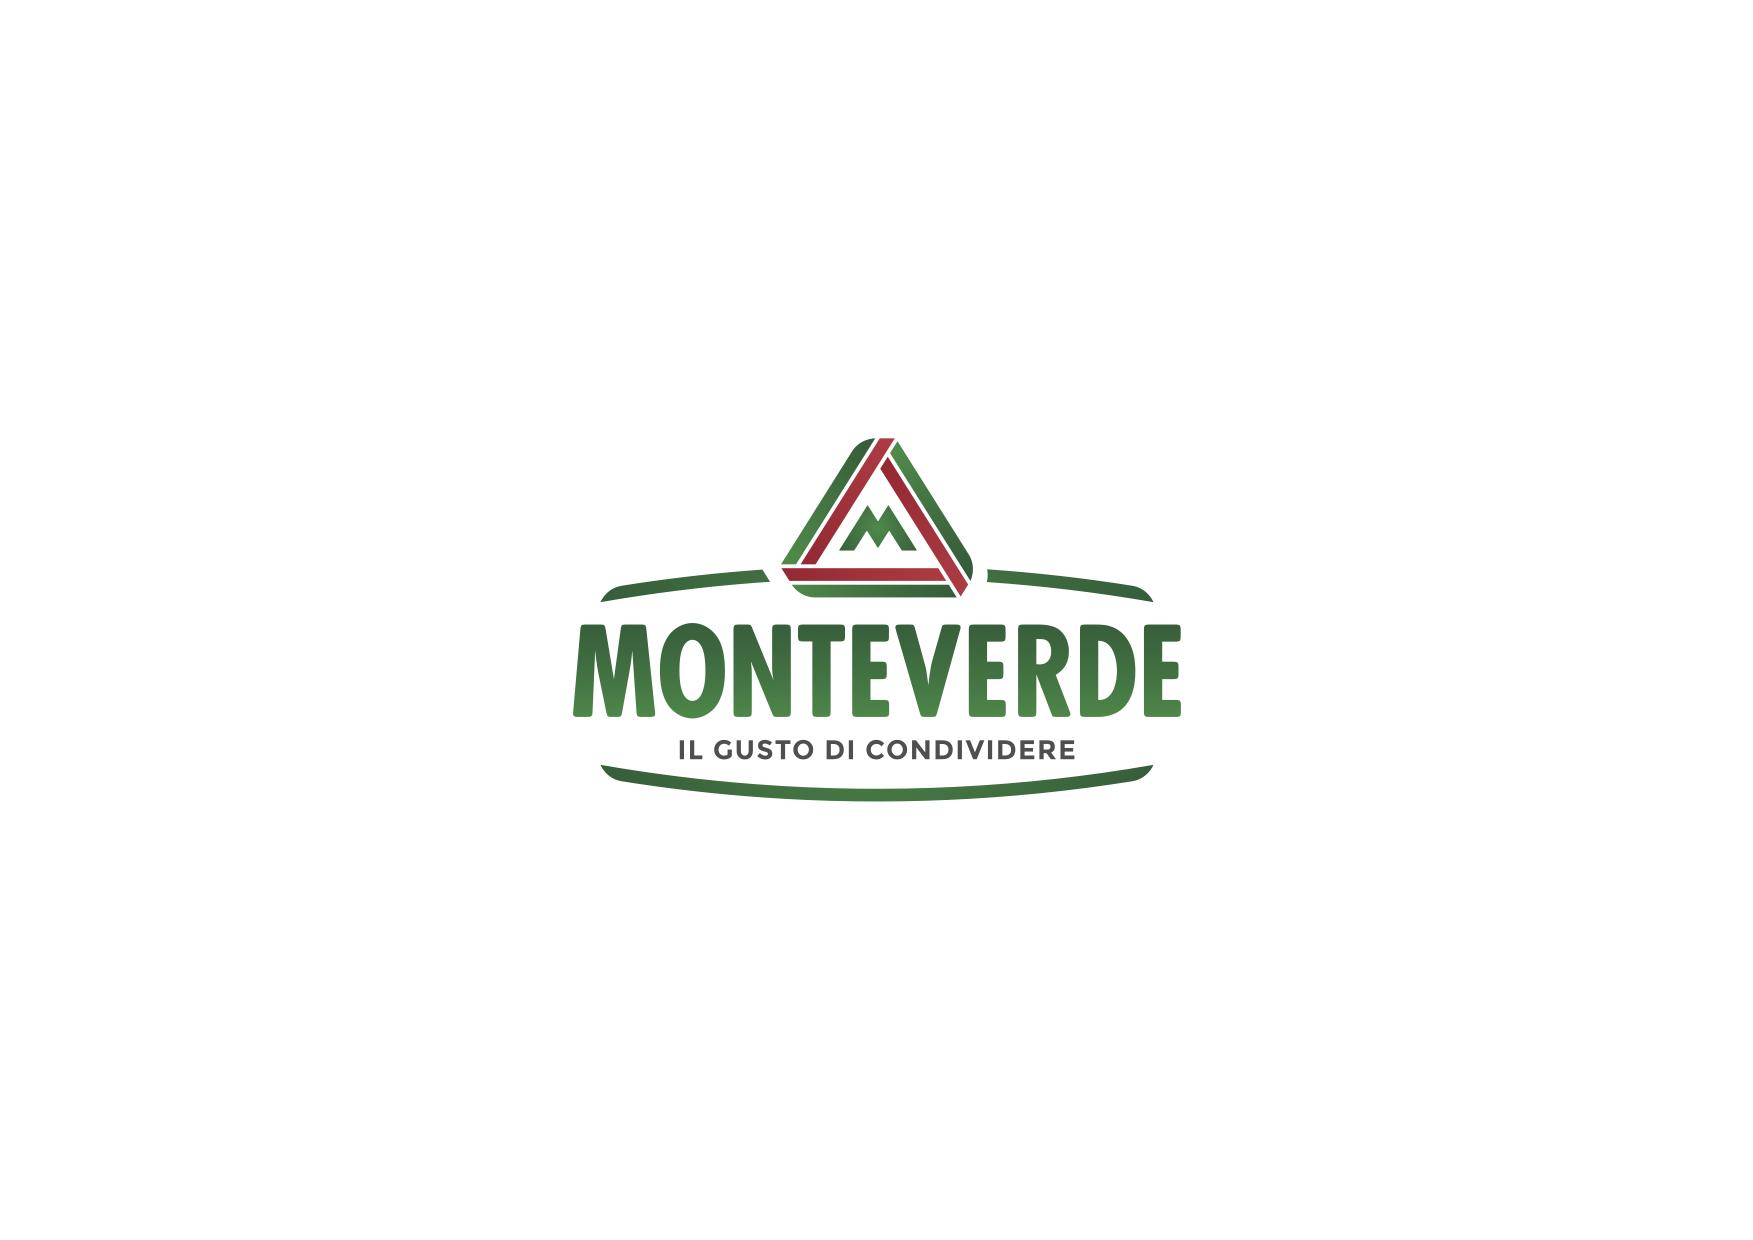 AVICOLA ALIMENTARE MONTEVERDE SRL